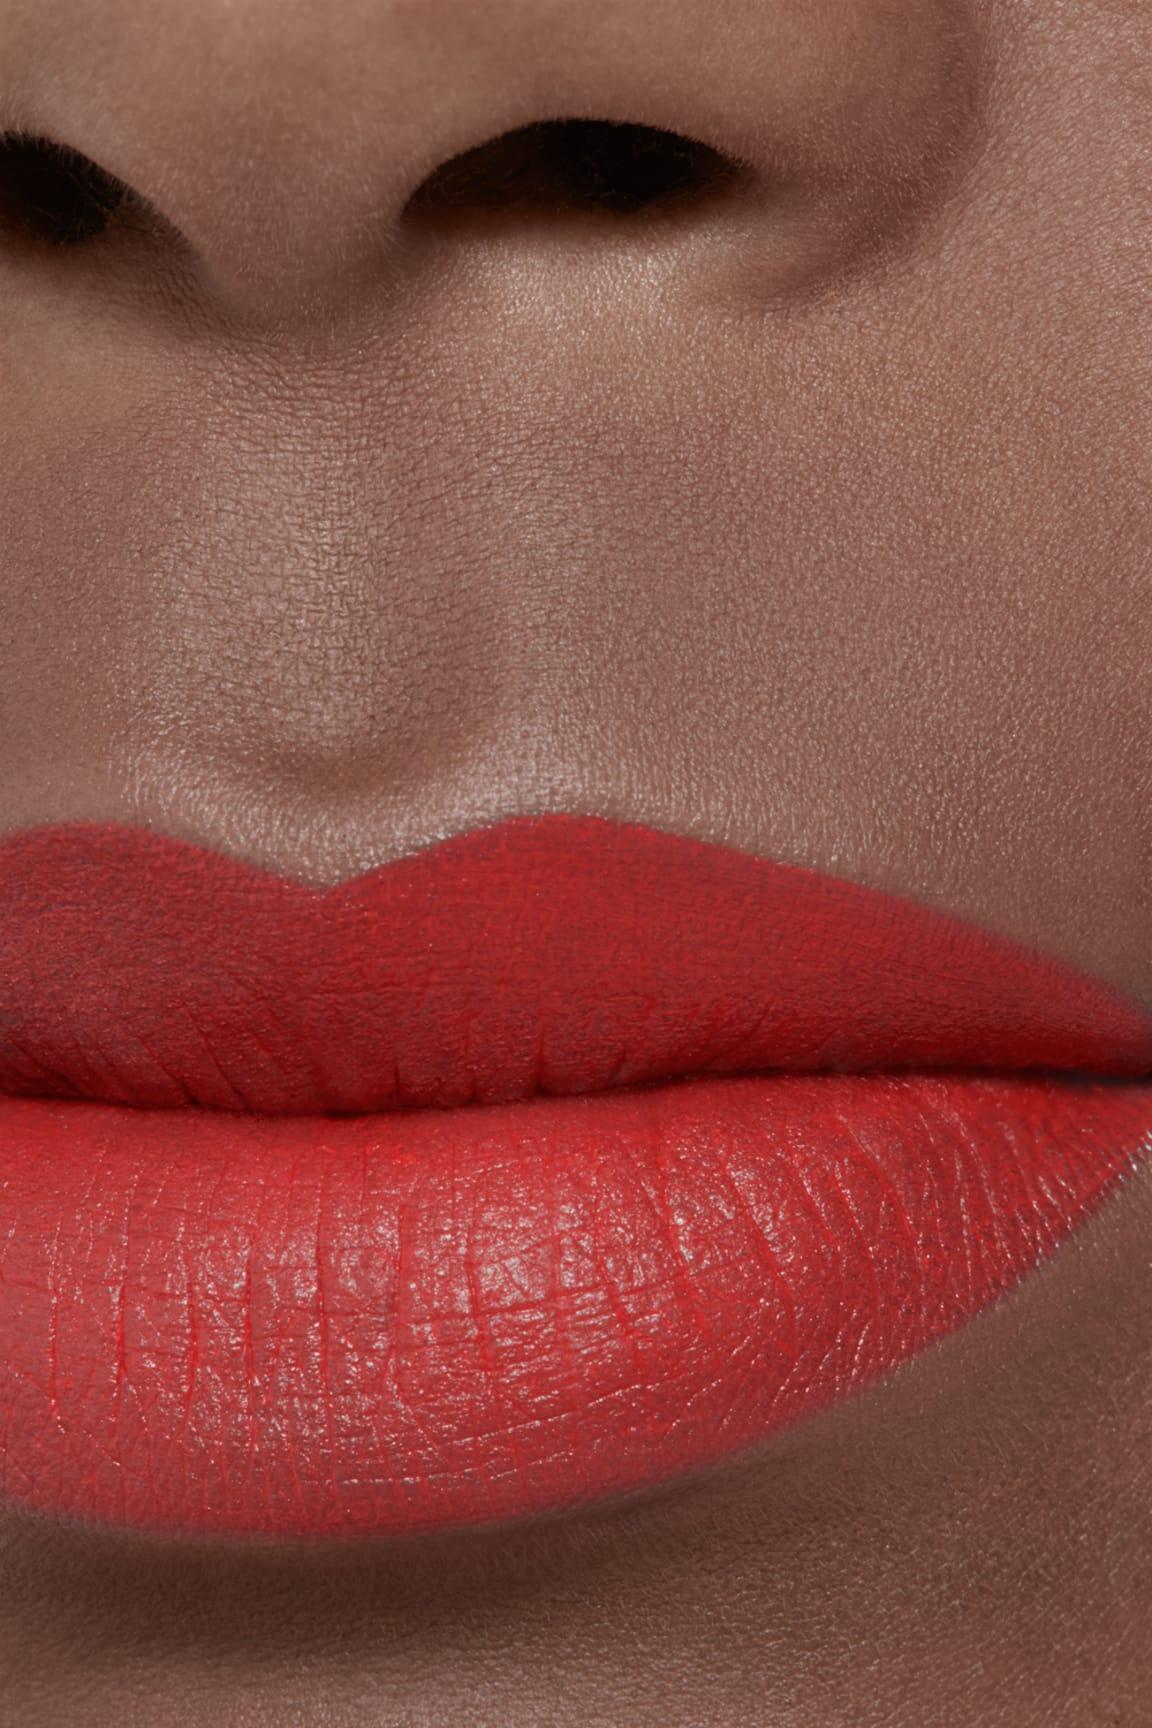 Visuel d'application maquillage 2 - ROUGE ALLURE VELVET LE LION DE CHANEL 247 - ROUGE IMPULSIF